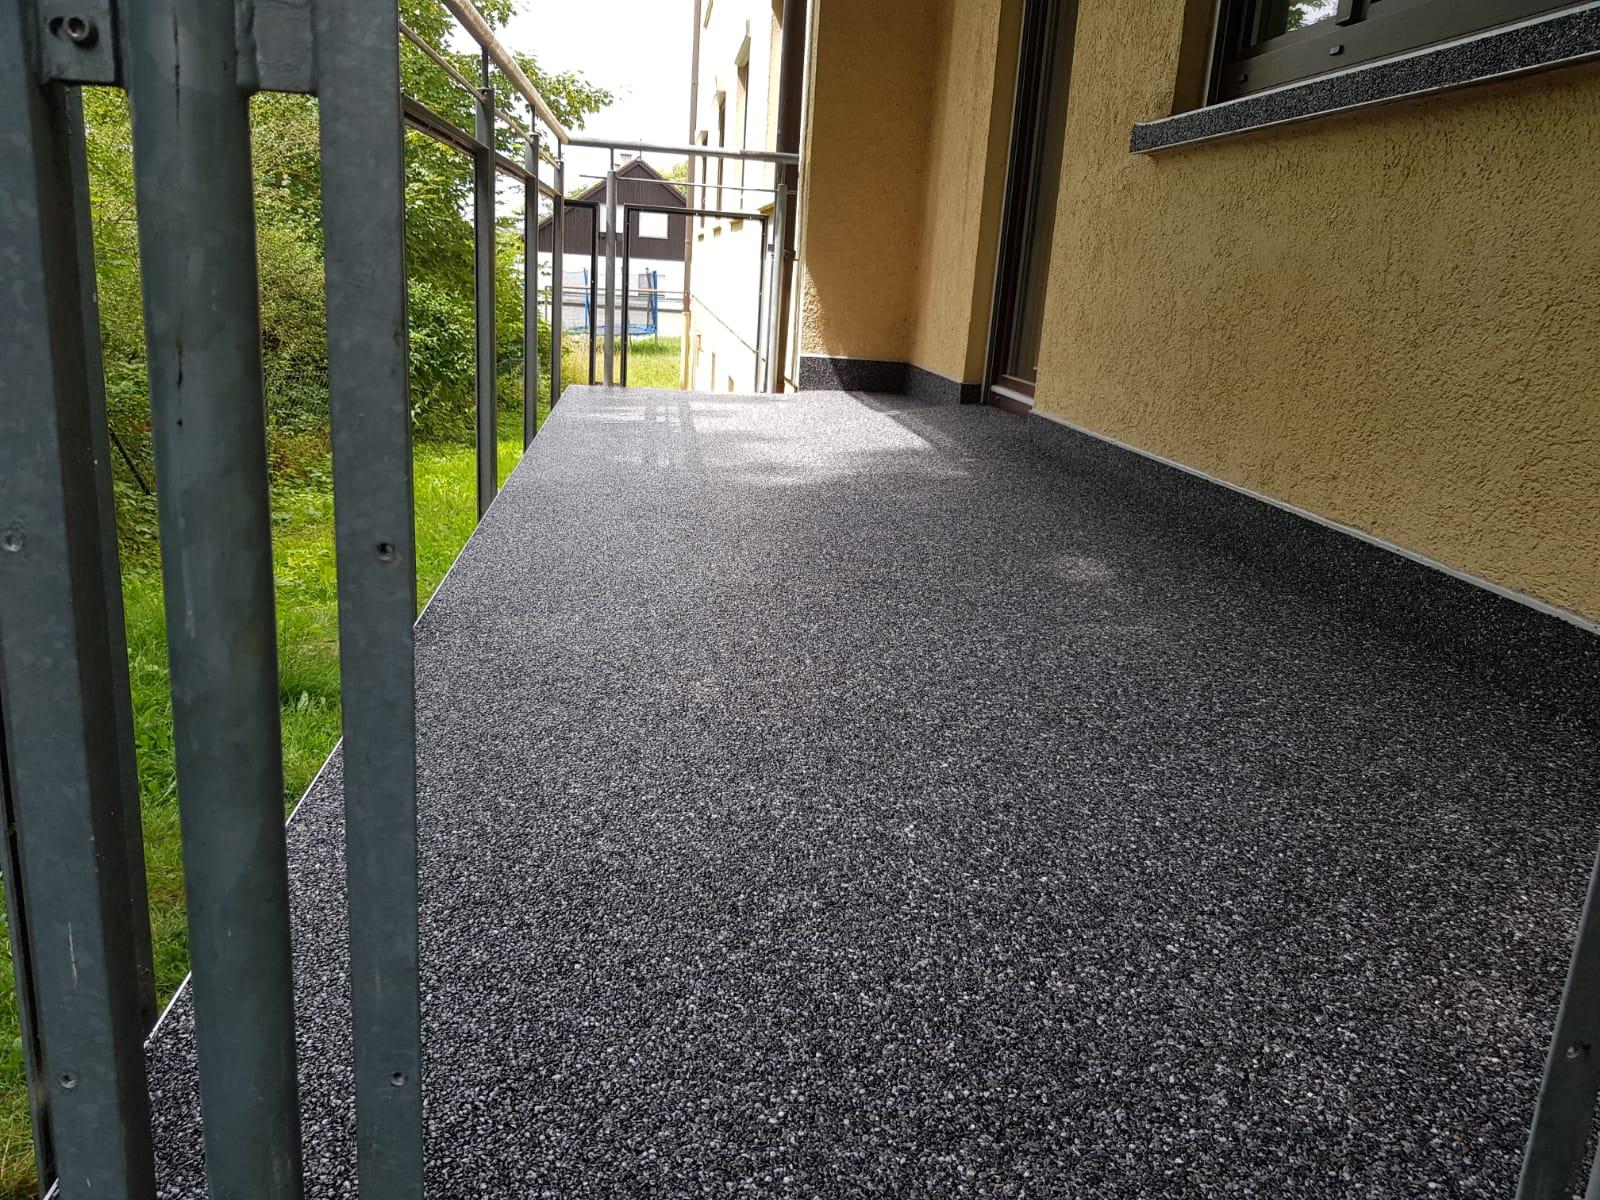 Ein Balkon mit einem grauen Steinteppich . Im Hintergrund ist etwas Garten zu sehen